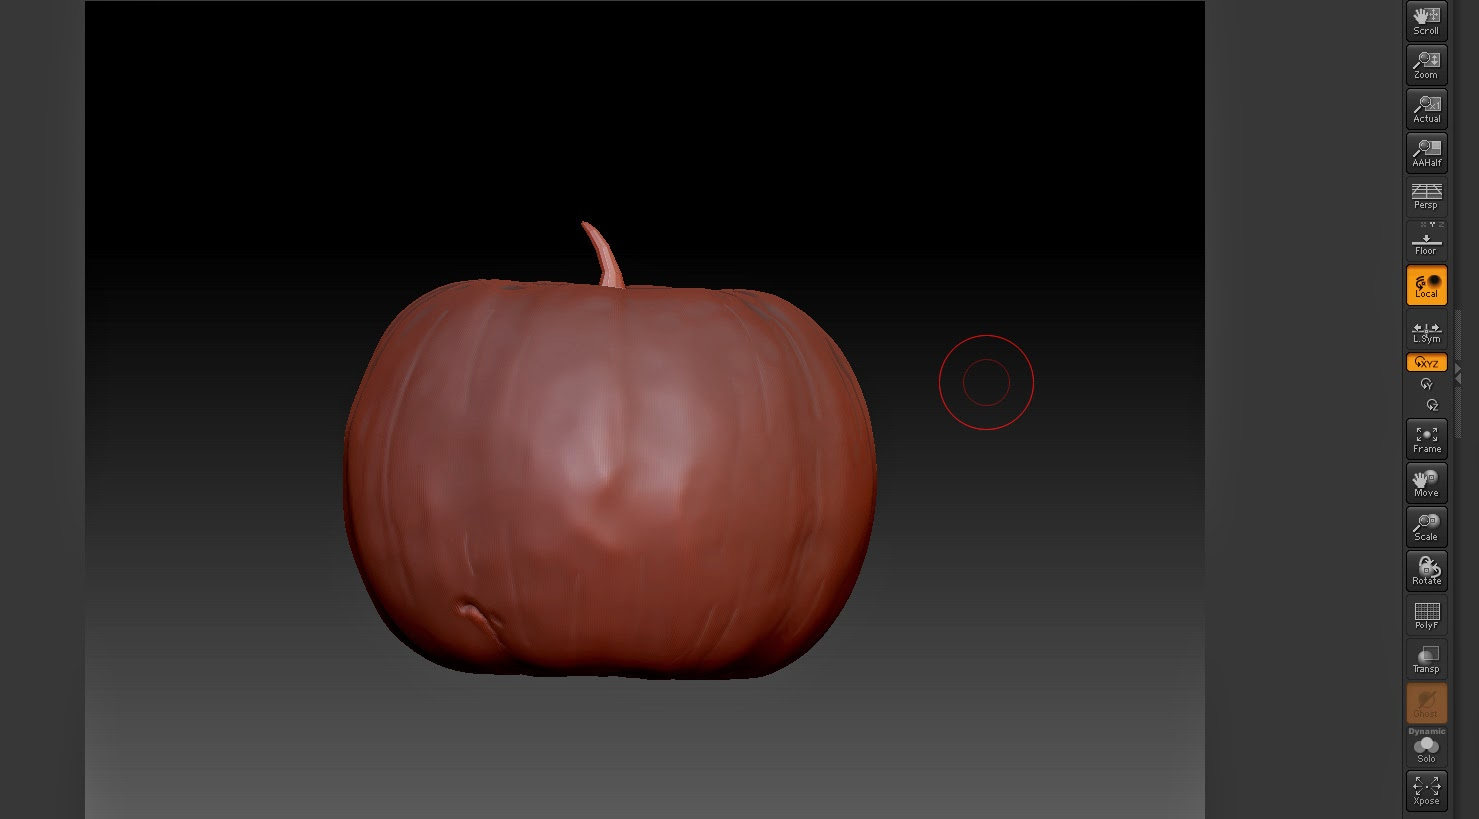 Pumpkin in Zbrush